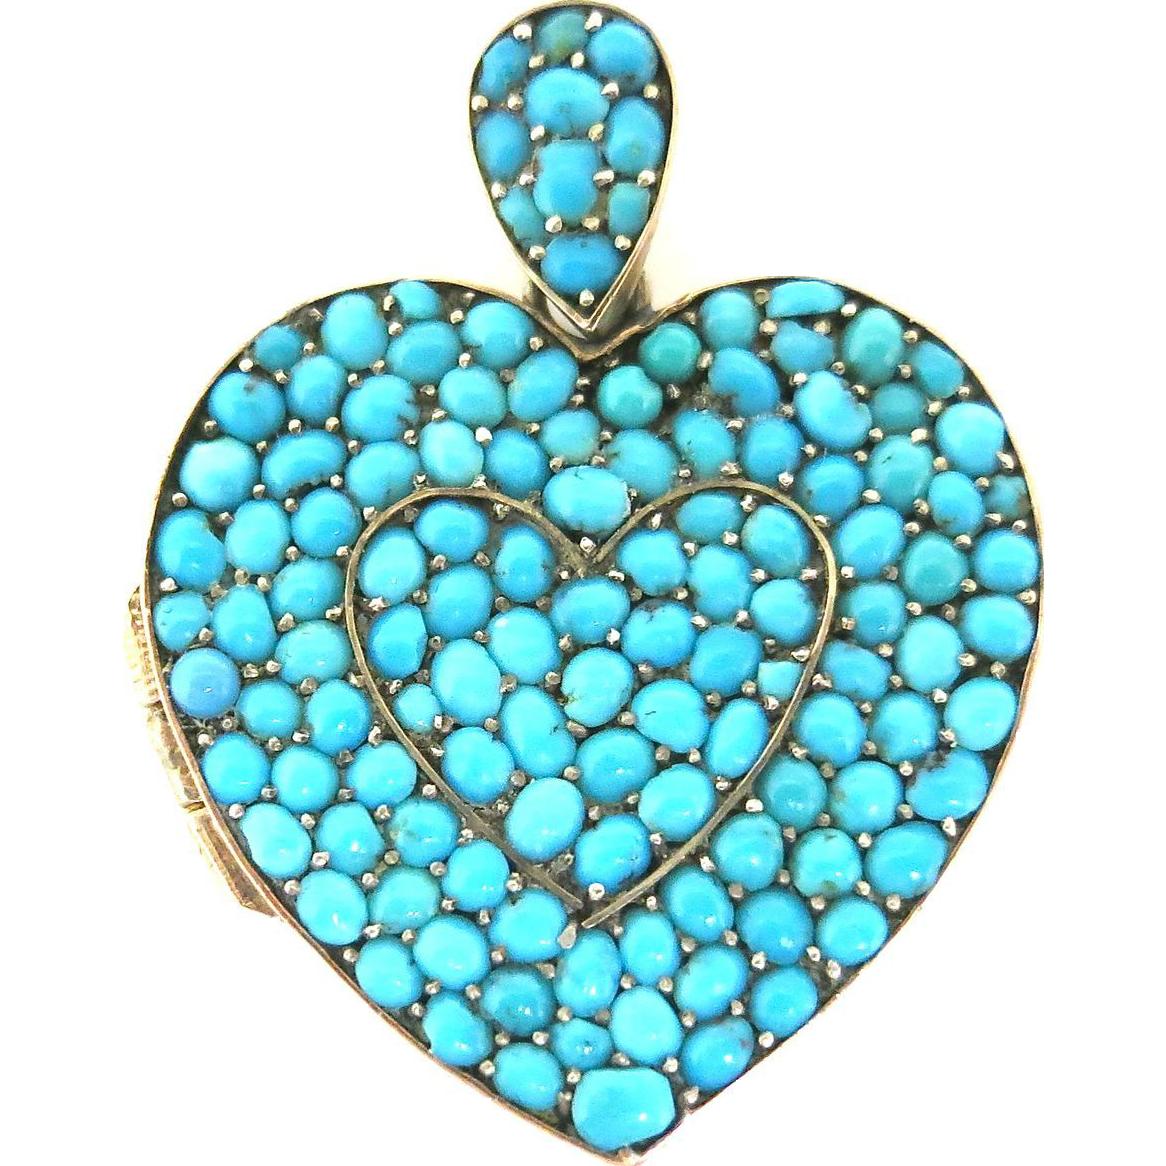 Glorious Victorian Turquoise Heart Locket